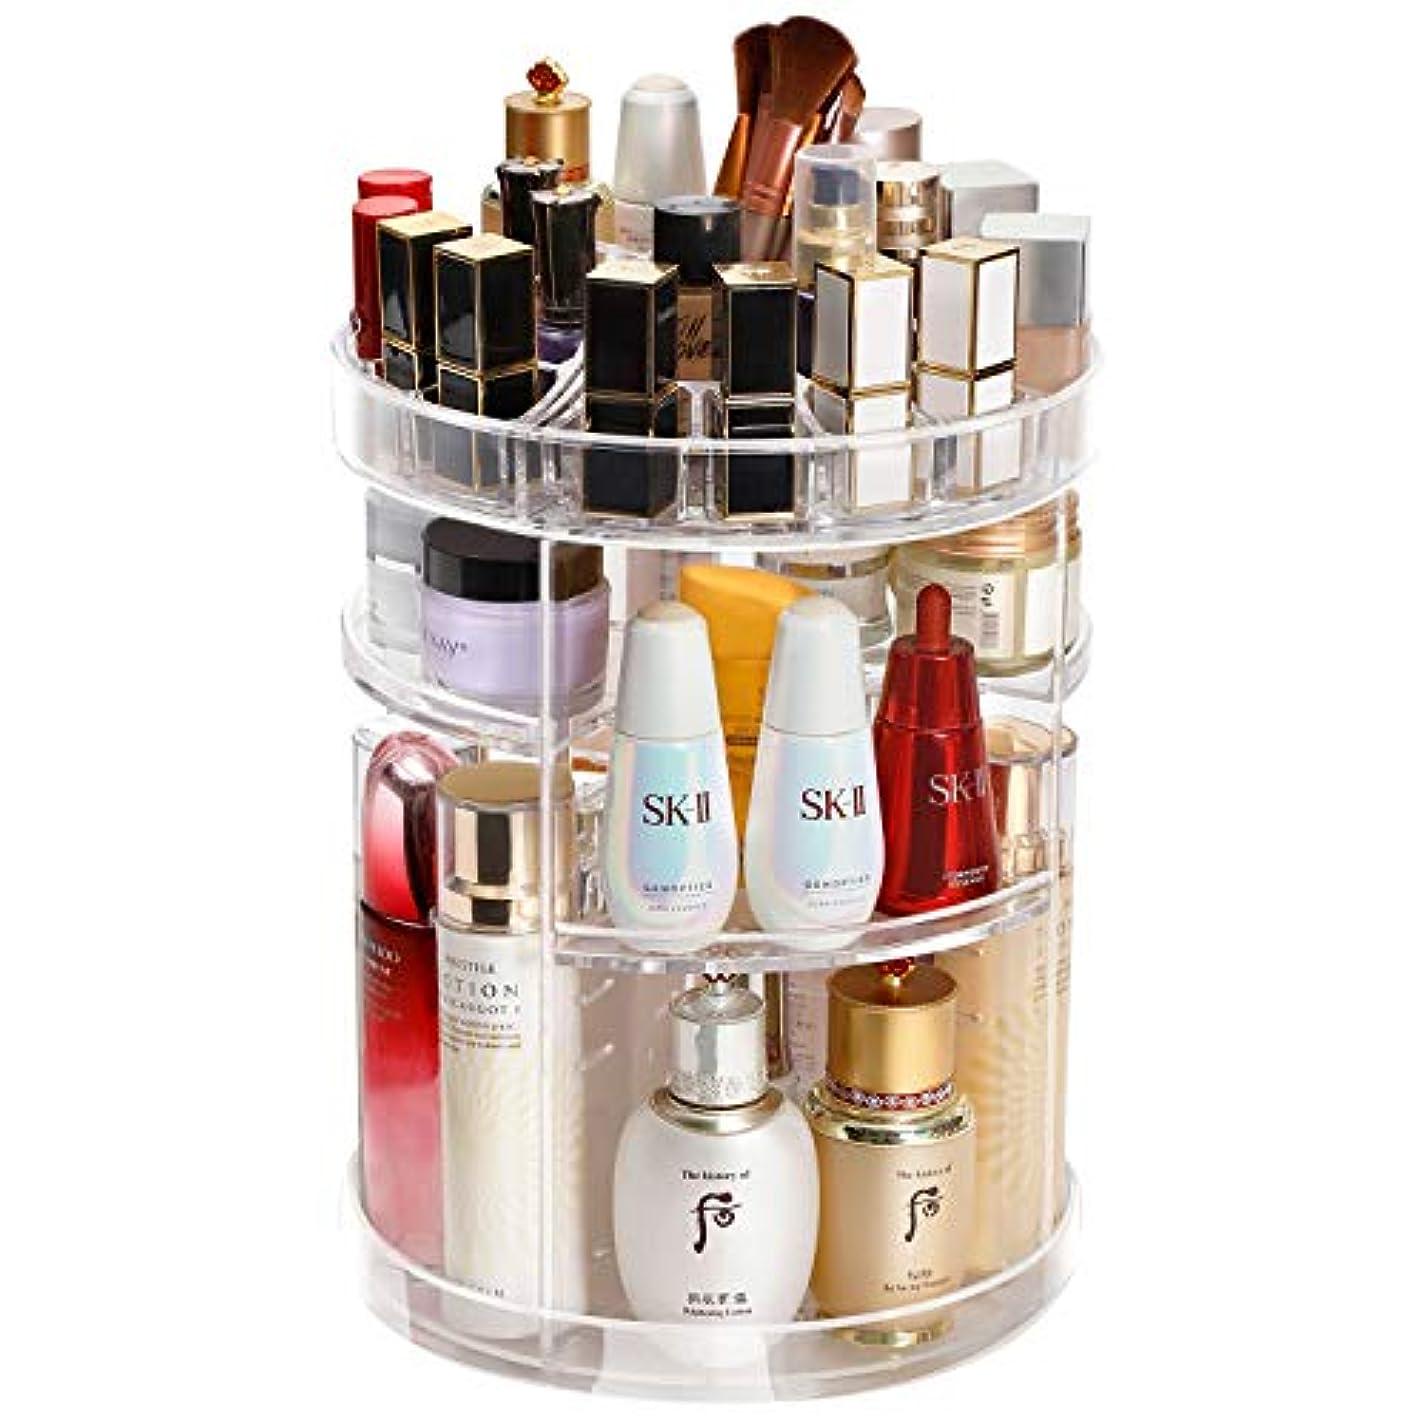 ピルチョークの化粧品収納ボックス 大容量 360°回転可能 収納ボックス 耐久性 透明 口紅 コスメ 小物収納 アクリルケース